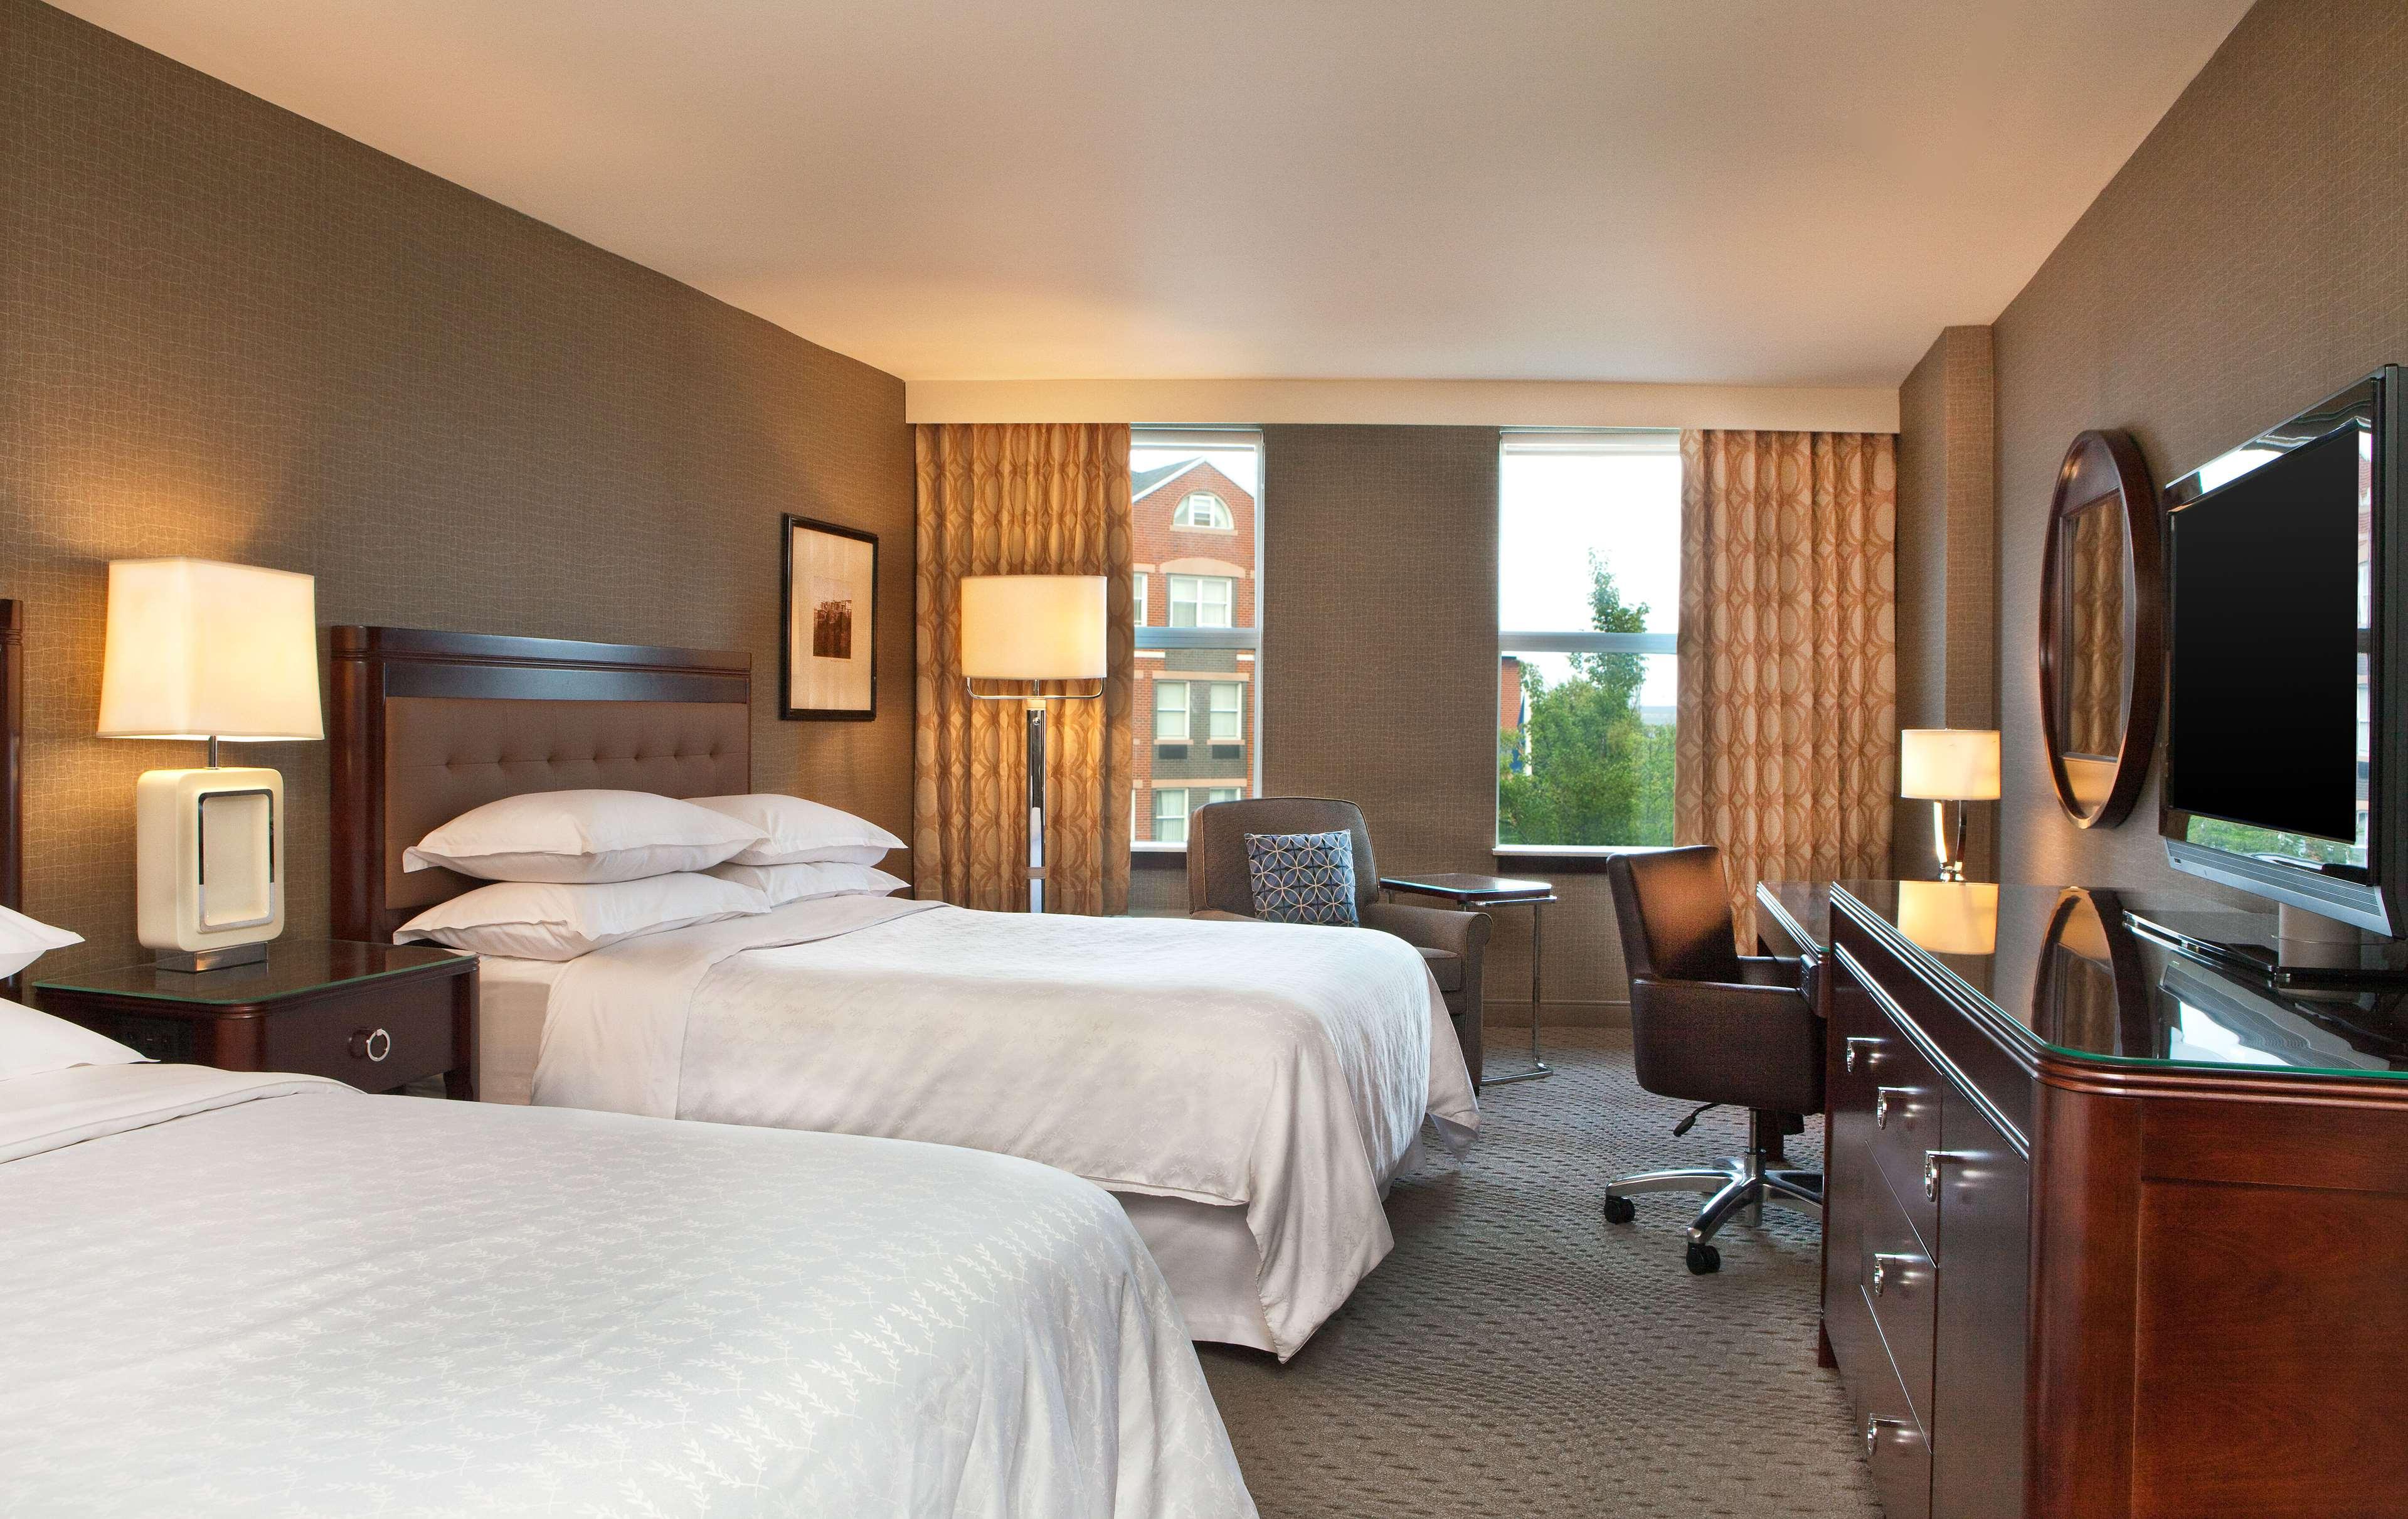 Sheraton Portsmouth Harborside Hotel image 4